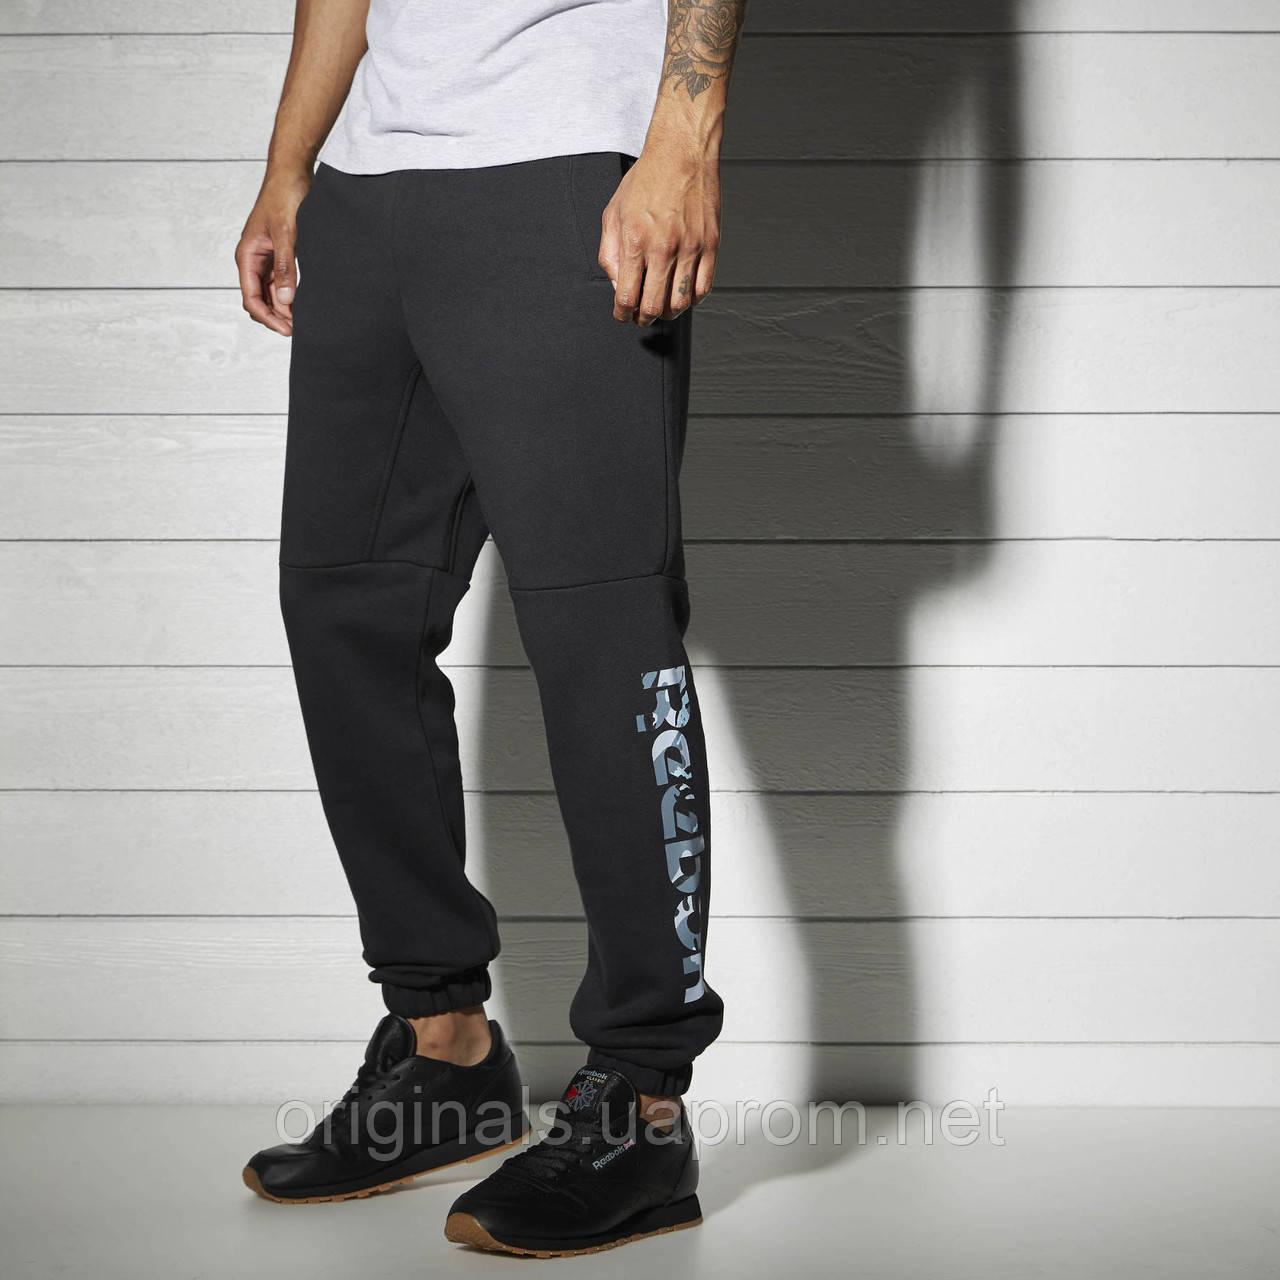 278c9d57 Флисовые спортивные брюки Reebok Fleece Pant Black BK5024 -  интернет-магазин Originals - Оригинальный Адидас